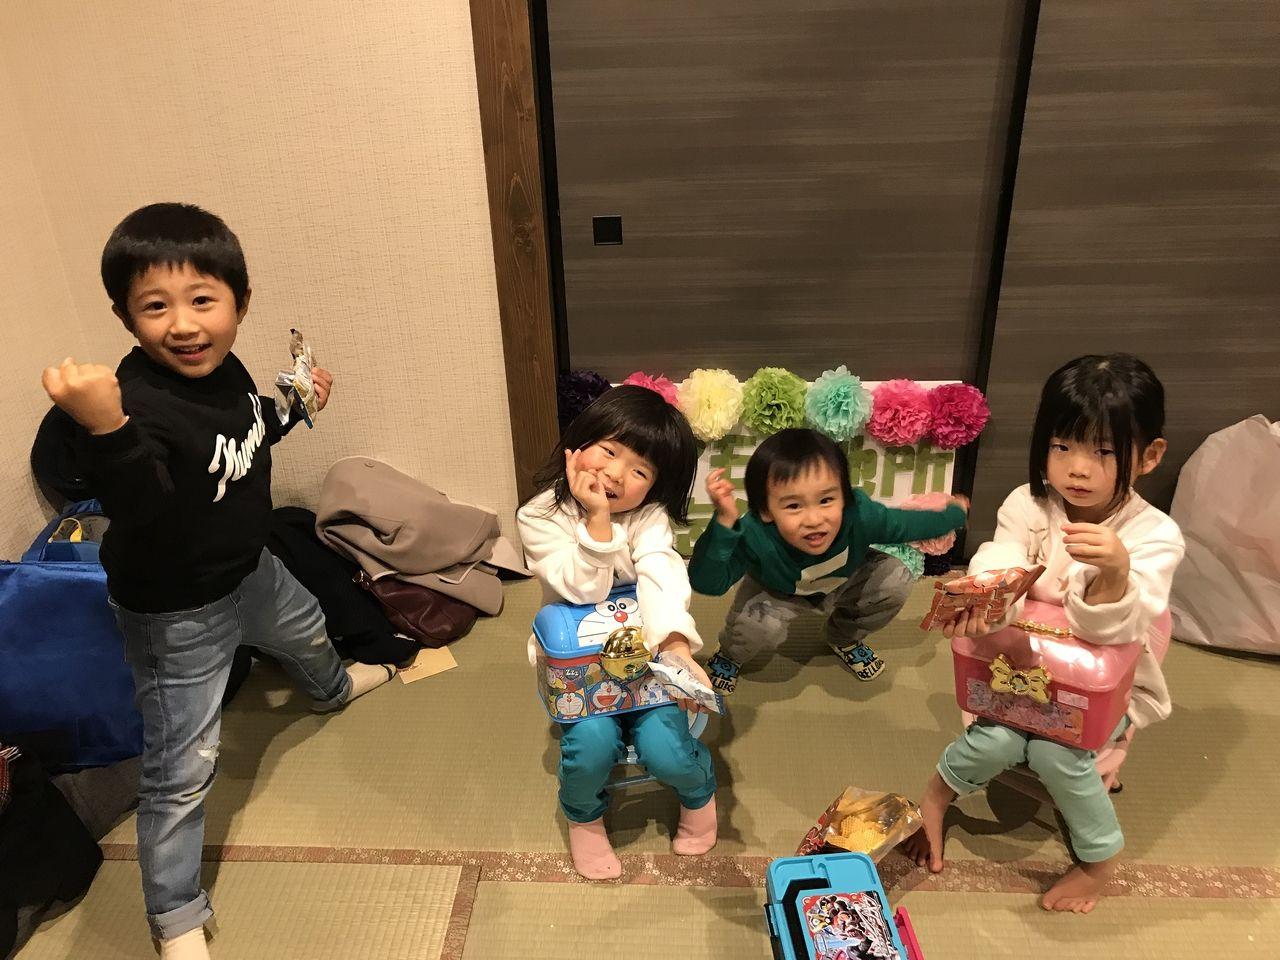 スタッフの子ども達も集まって、にぎやかでした。